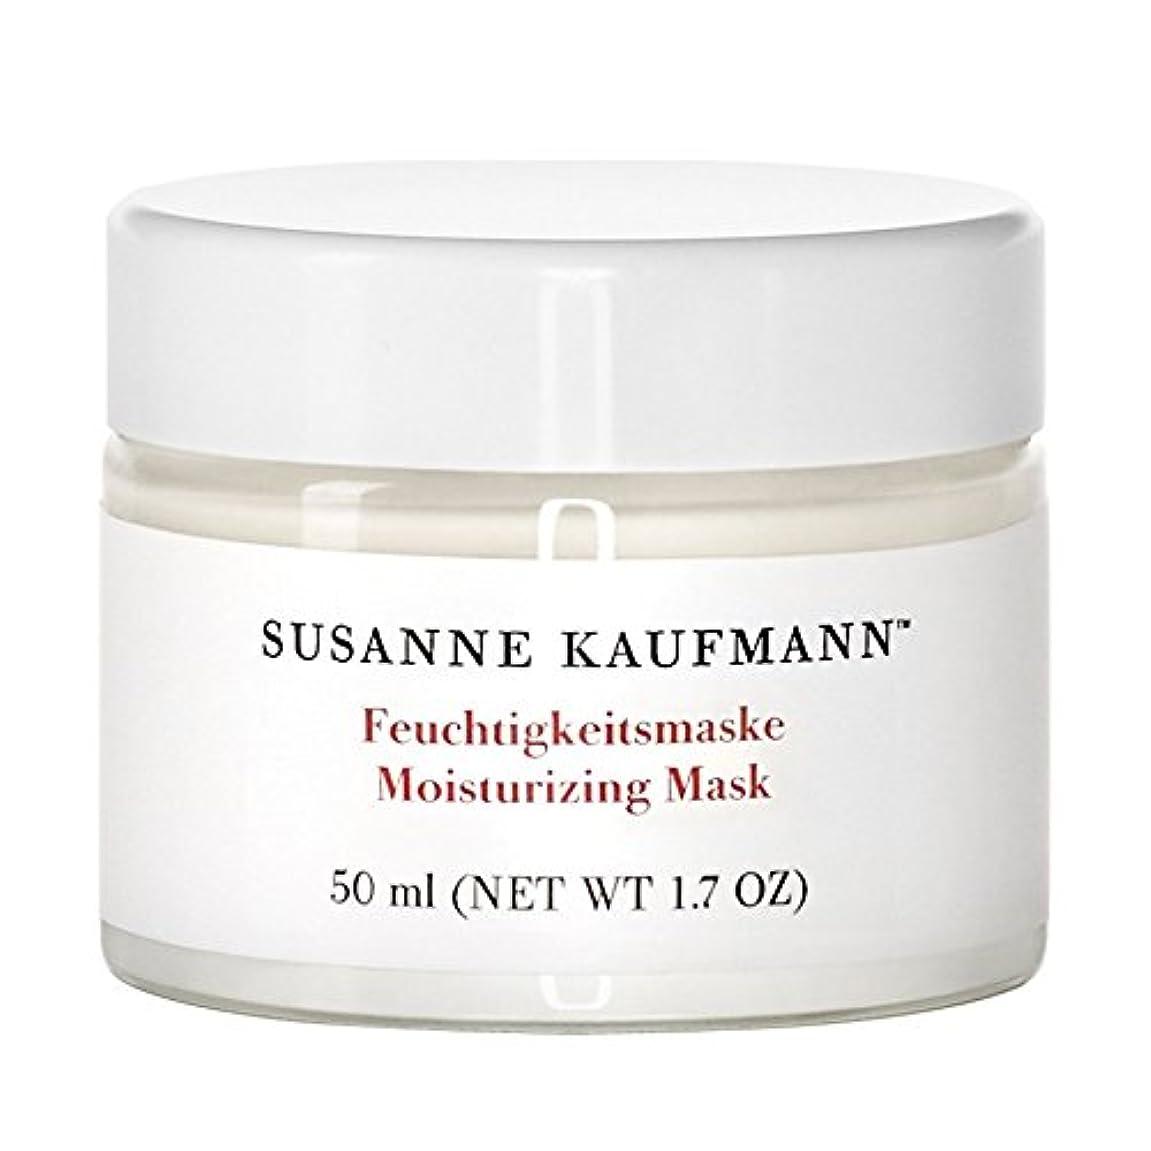 遅い開いた代理人スザンヌカウフマン保湿マスク50ミリリットル x2 - Susanne Kaufmann Moisturising Mask 50ml (Pack of 2) [並行輸入品]